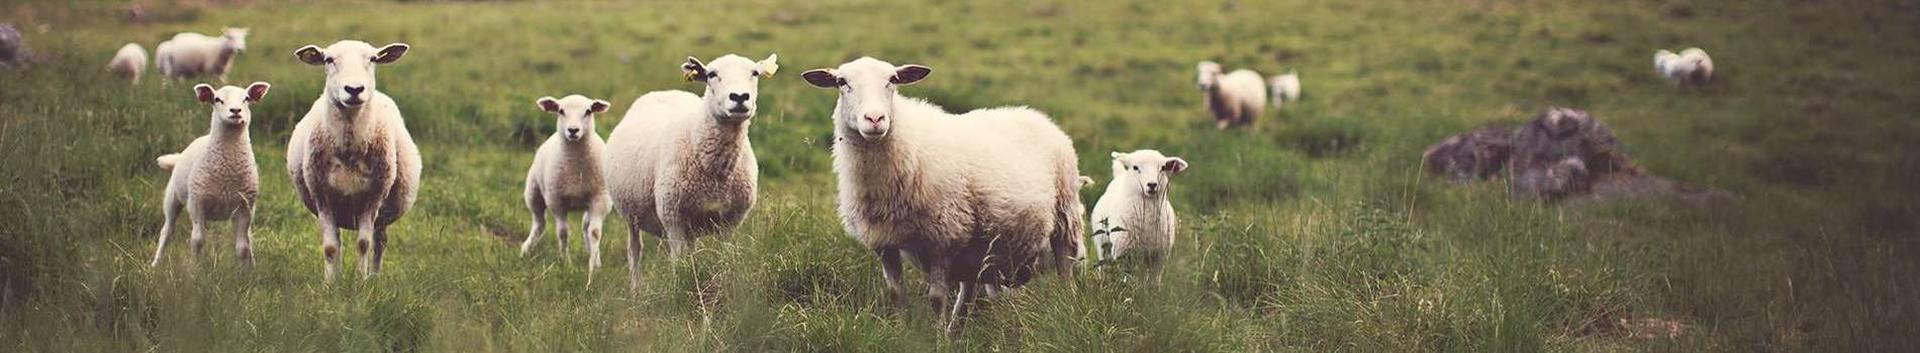 01621_loomakasvatuse-abitegevused_59434309_xl.jpg